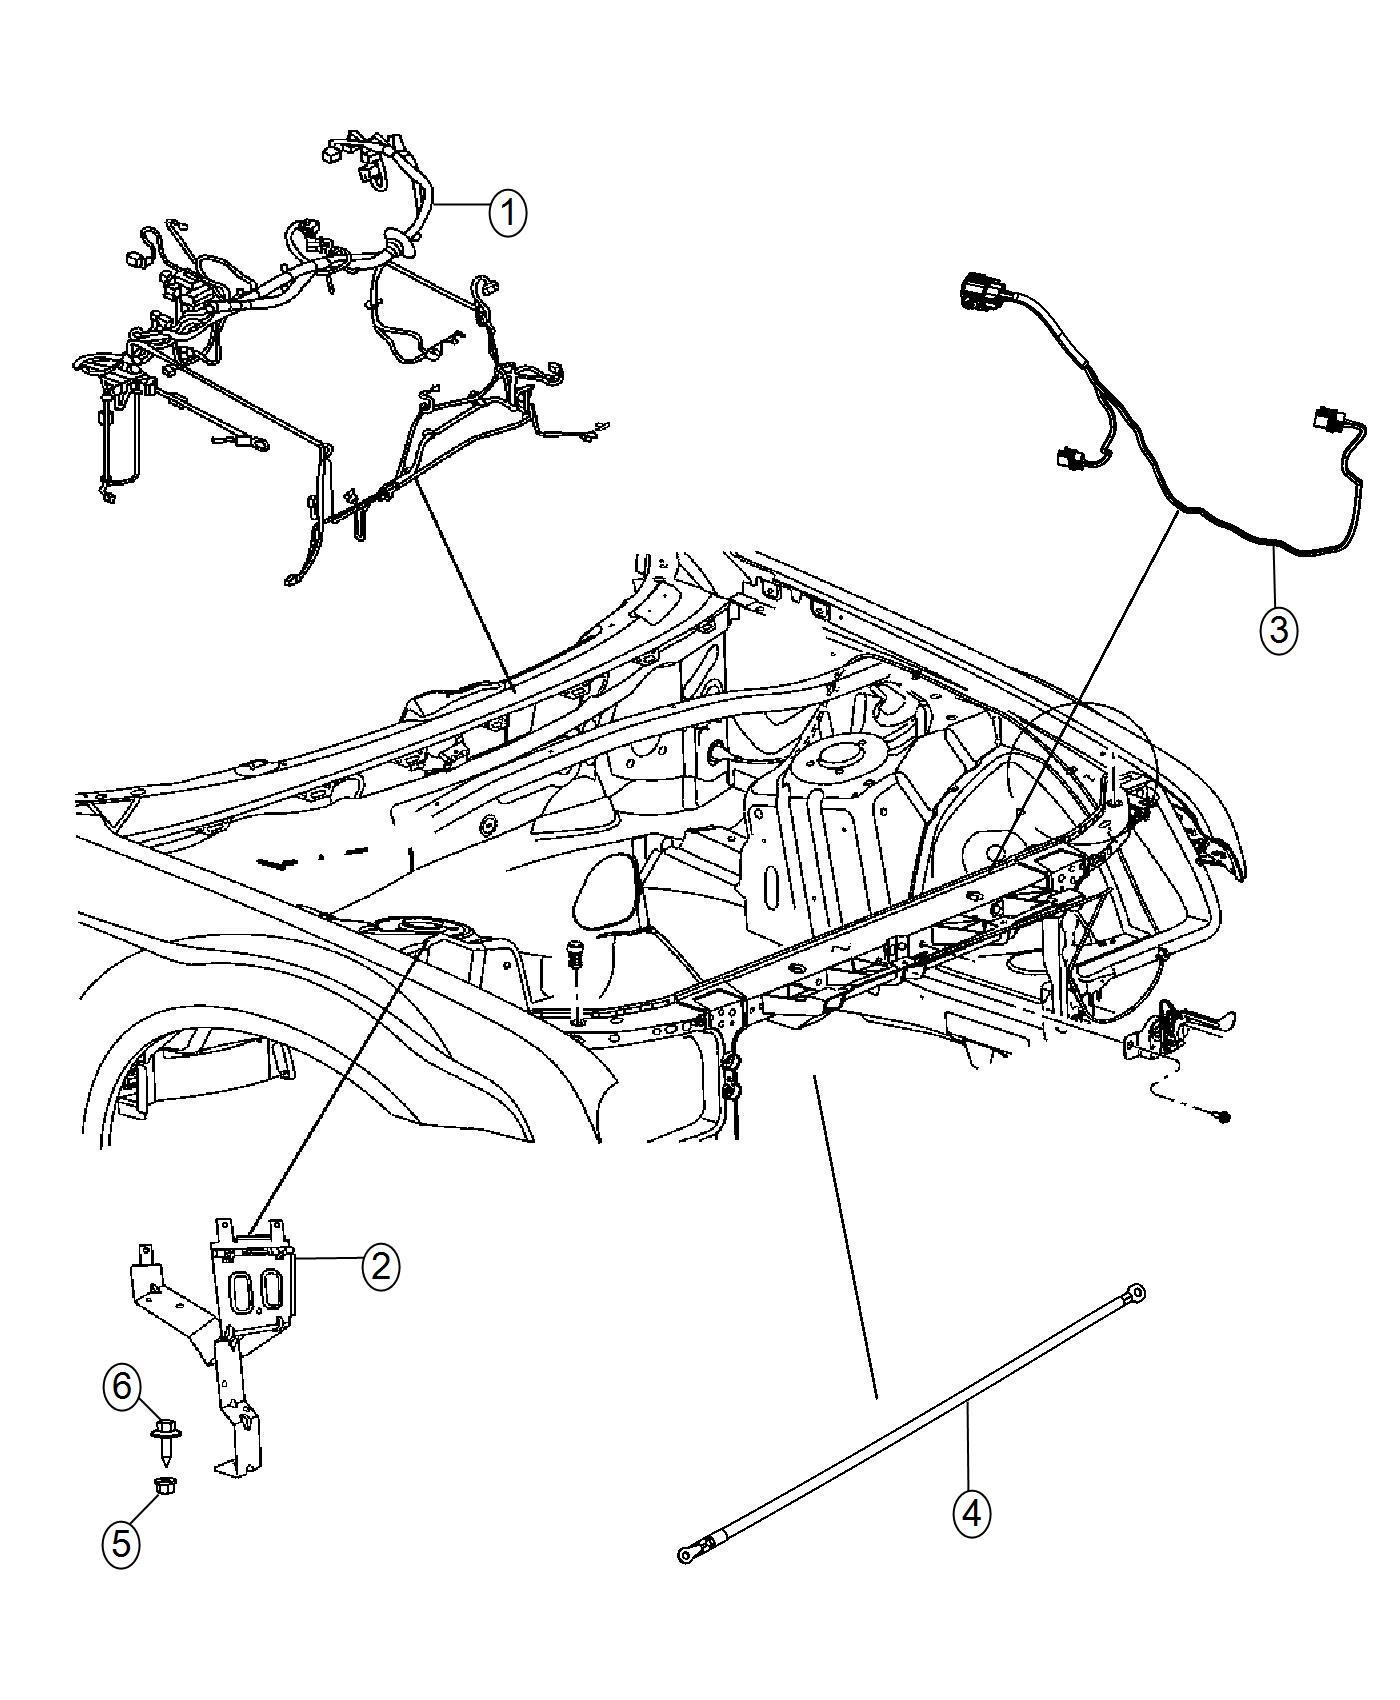 2008 chrysler 300 remote start wiring diagram